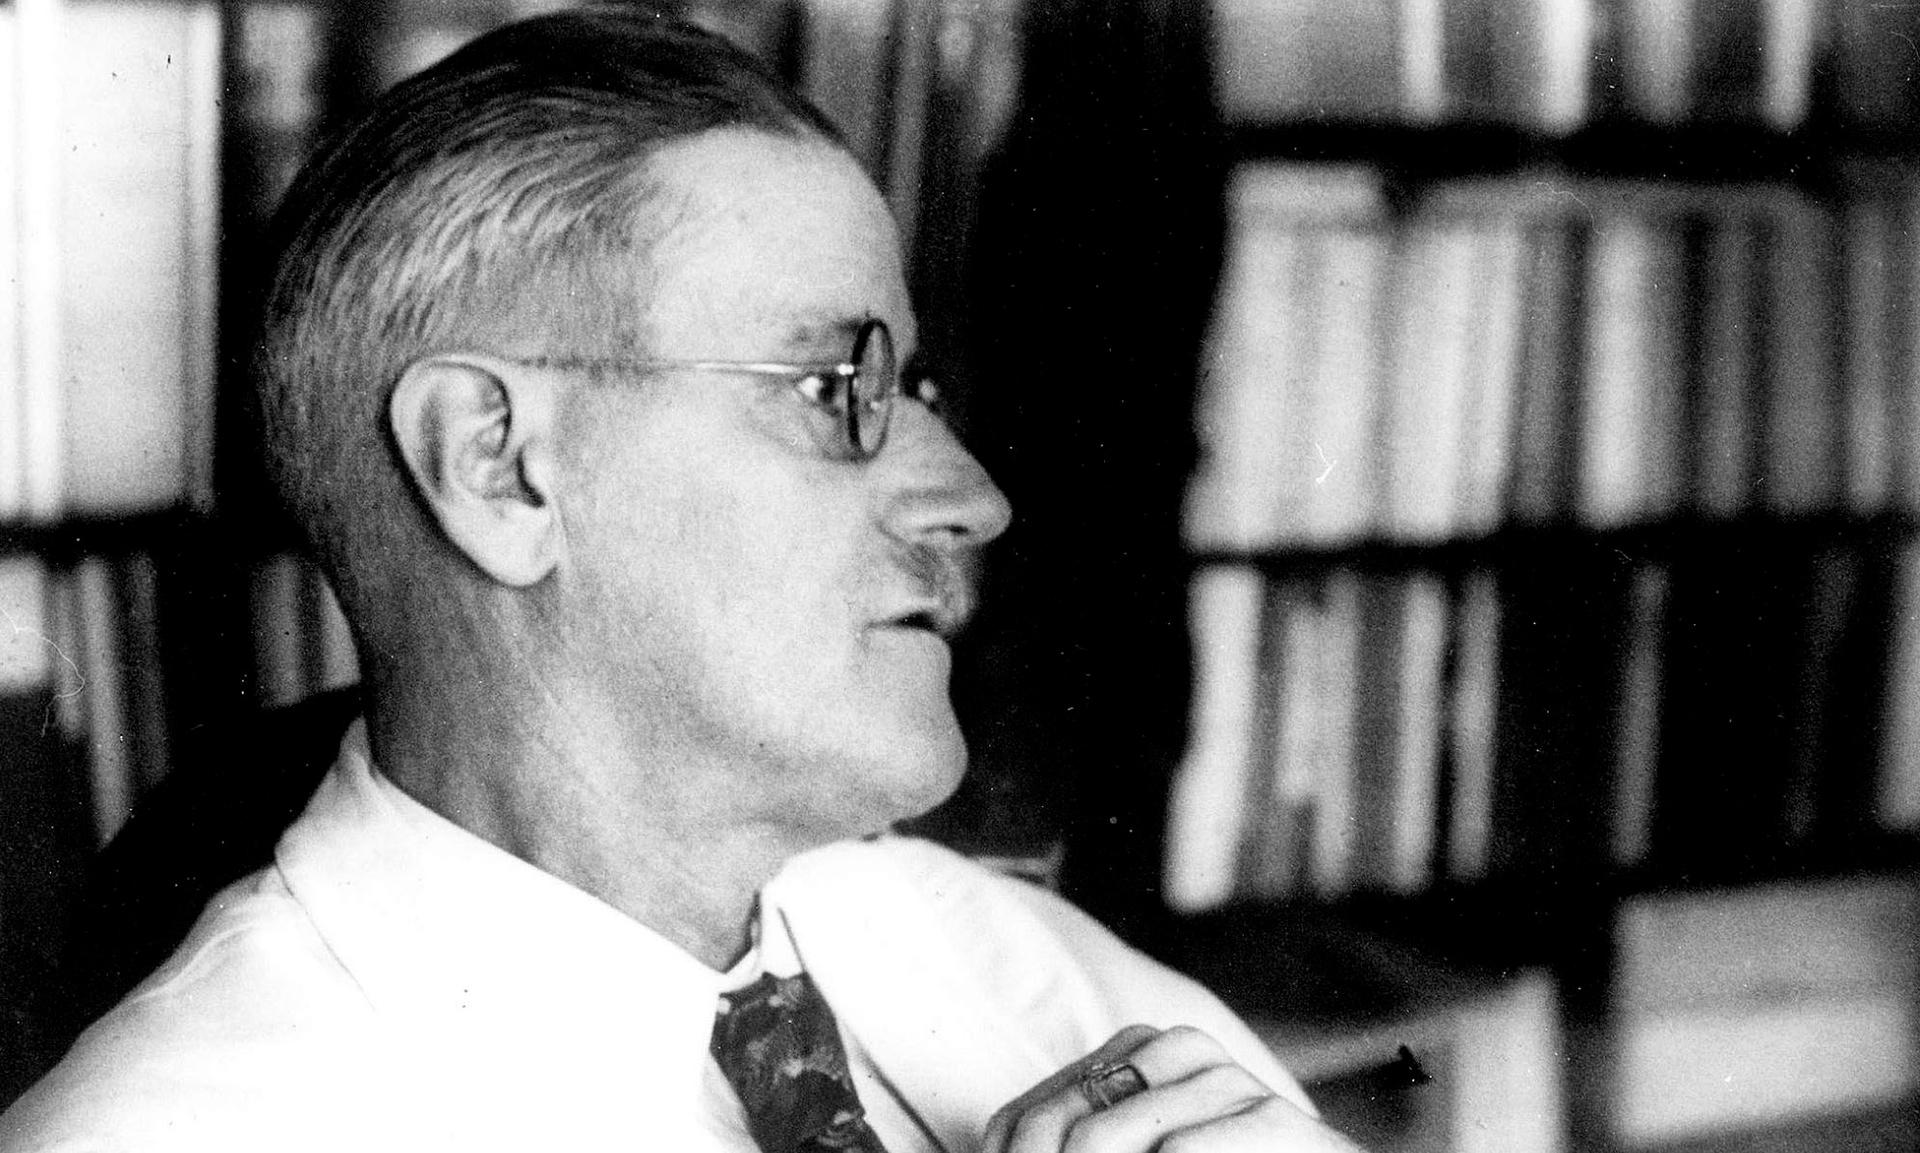 pisci-džejms-džojs-1937